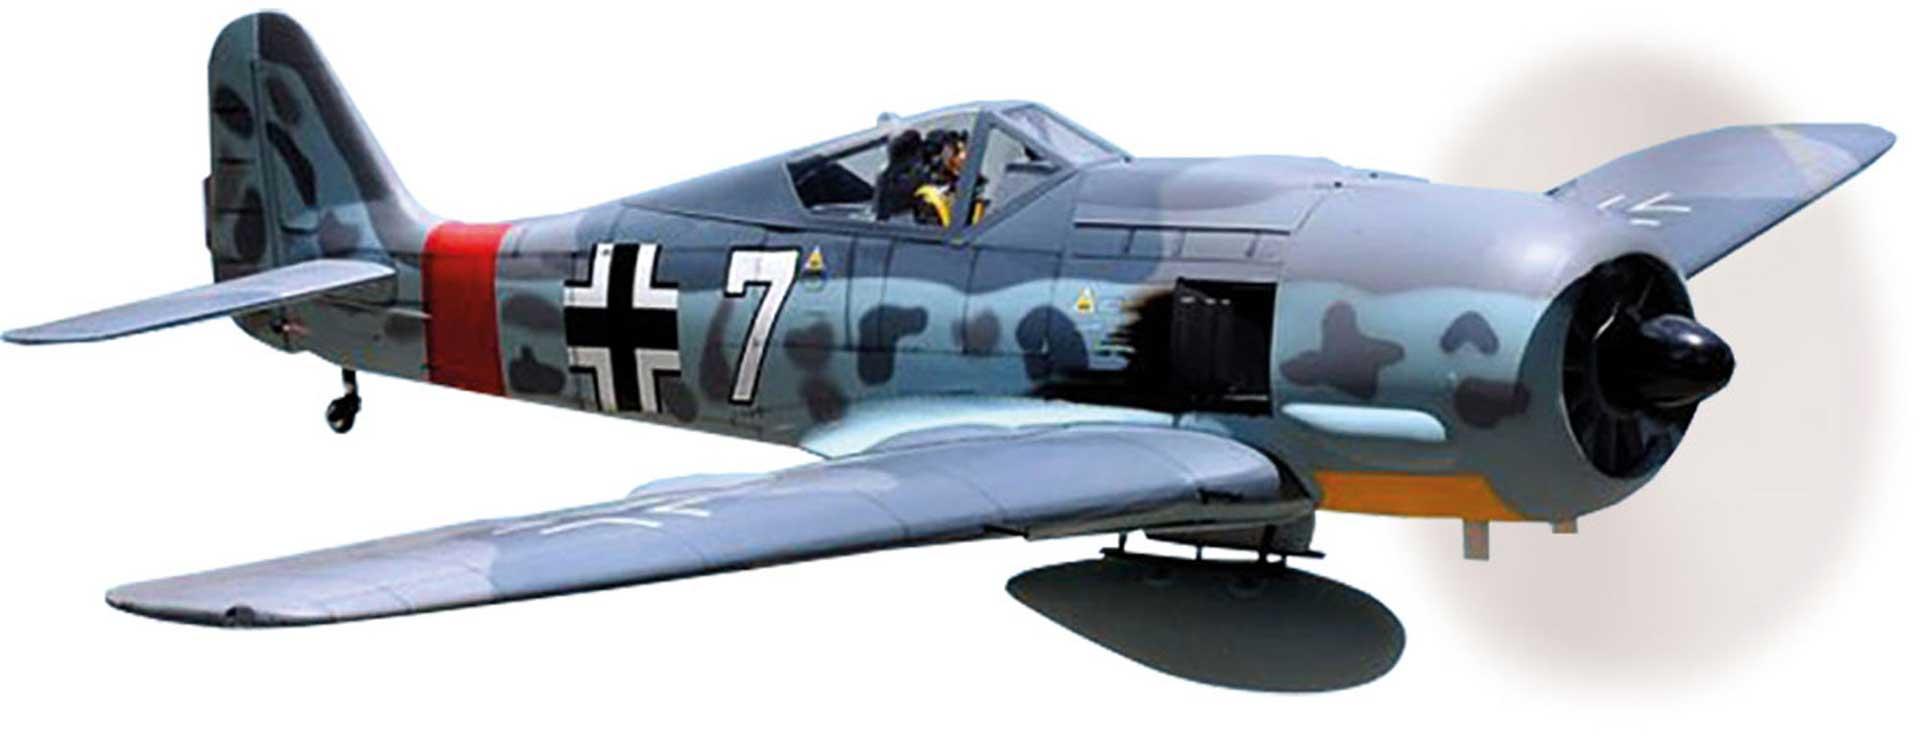 BLACK HORSE FOCKE WULF FW-190A ARF 2,6M WARBIRD MIT PNEUMATISCHEN EINZIEHFAHRWERK